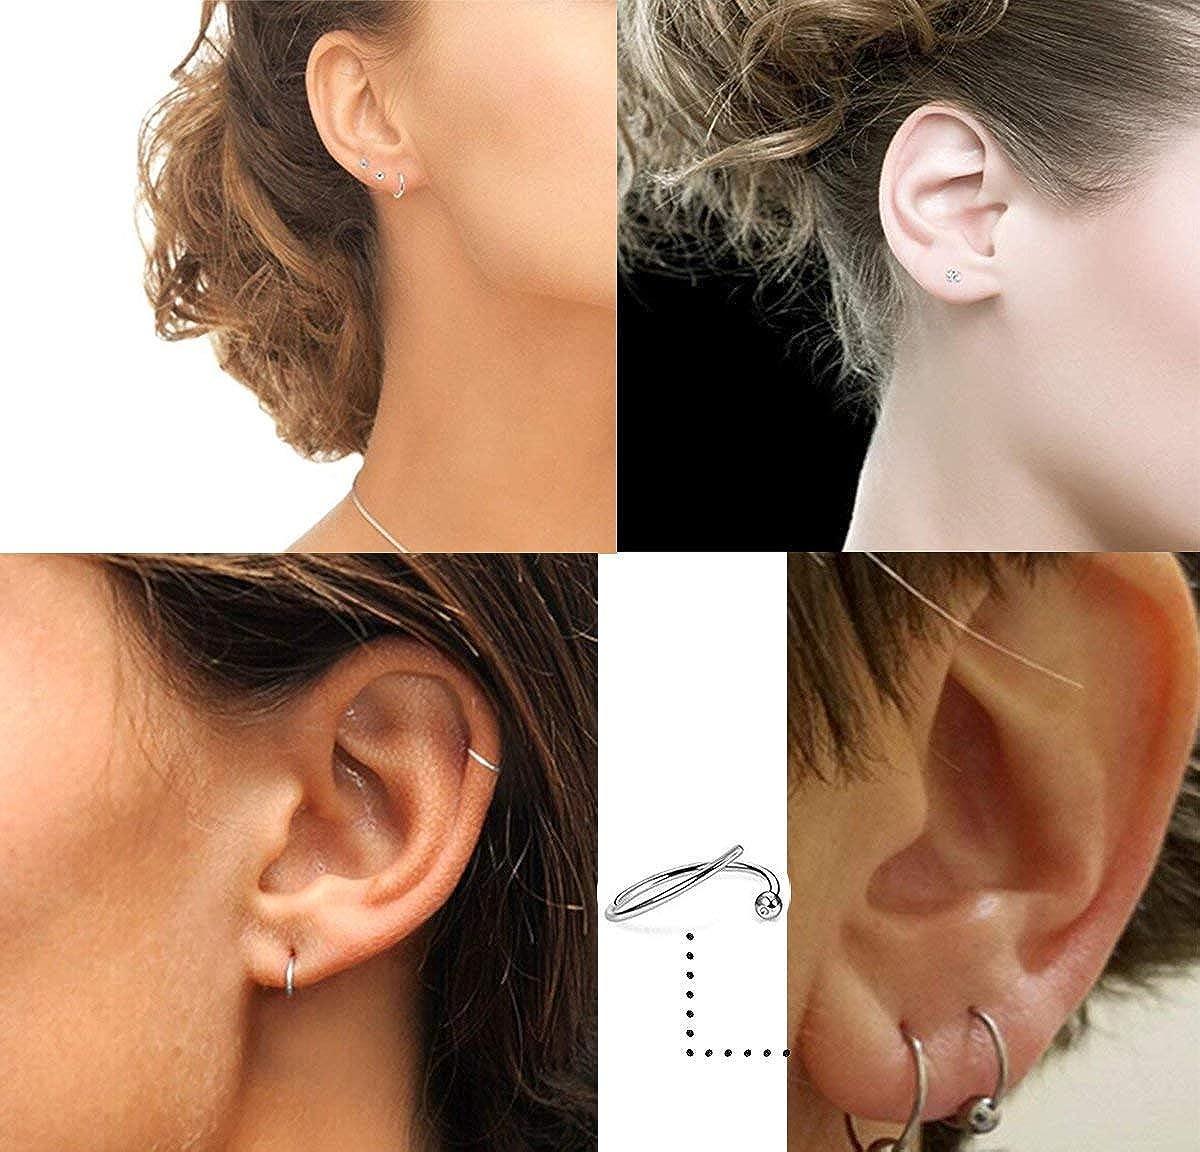 Boucle d/'oreille en acier inoxydable cartilage tragus Helix boucles d/'oreillesRK